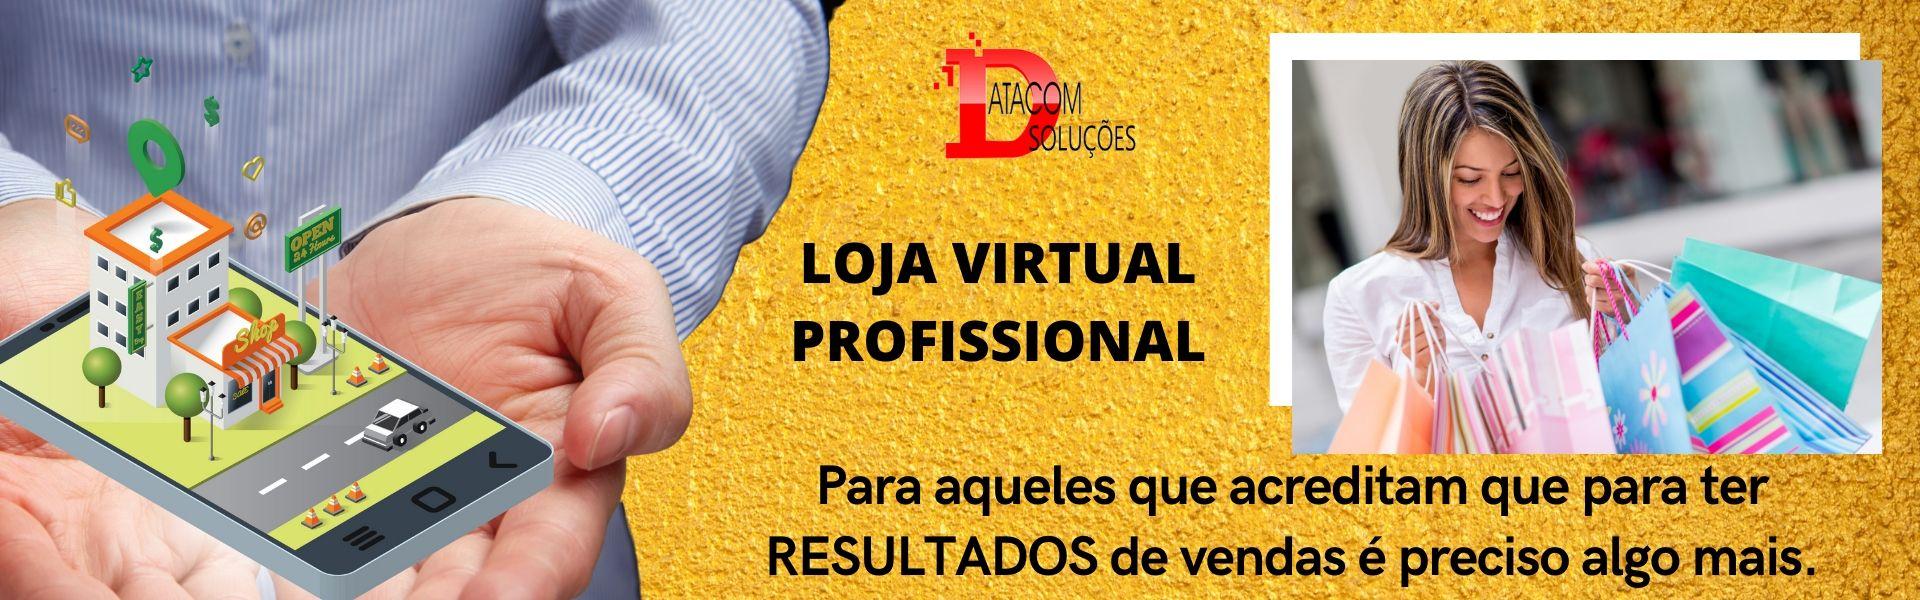 criação loja virtual profissional responsivo